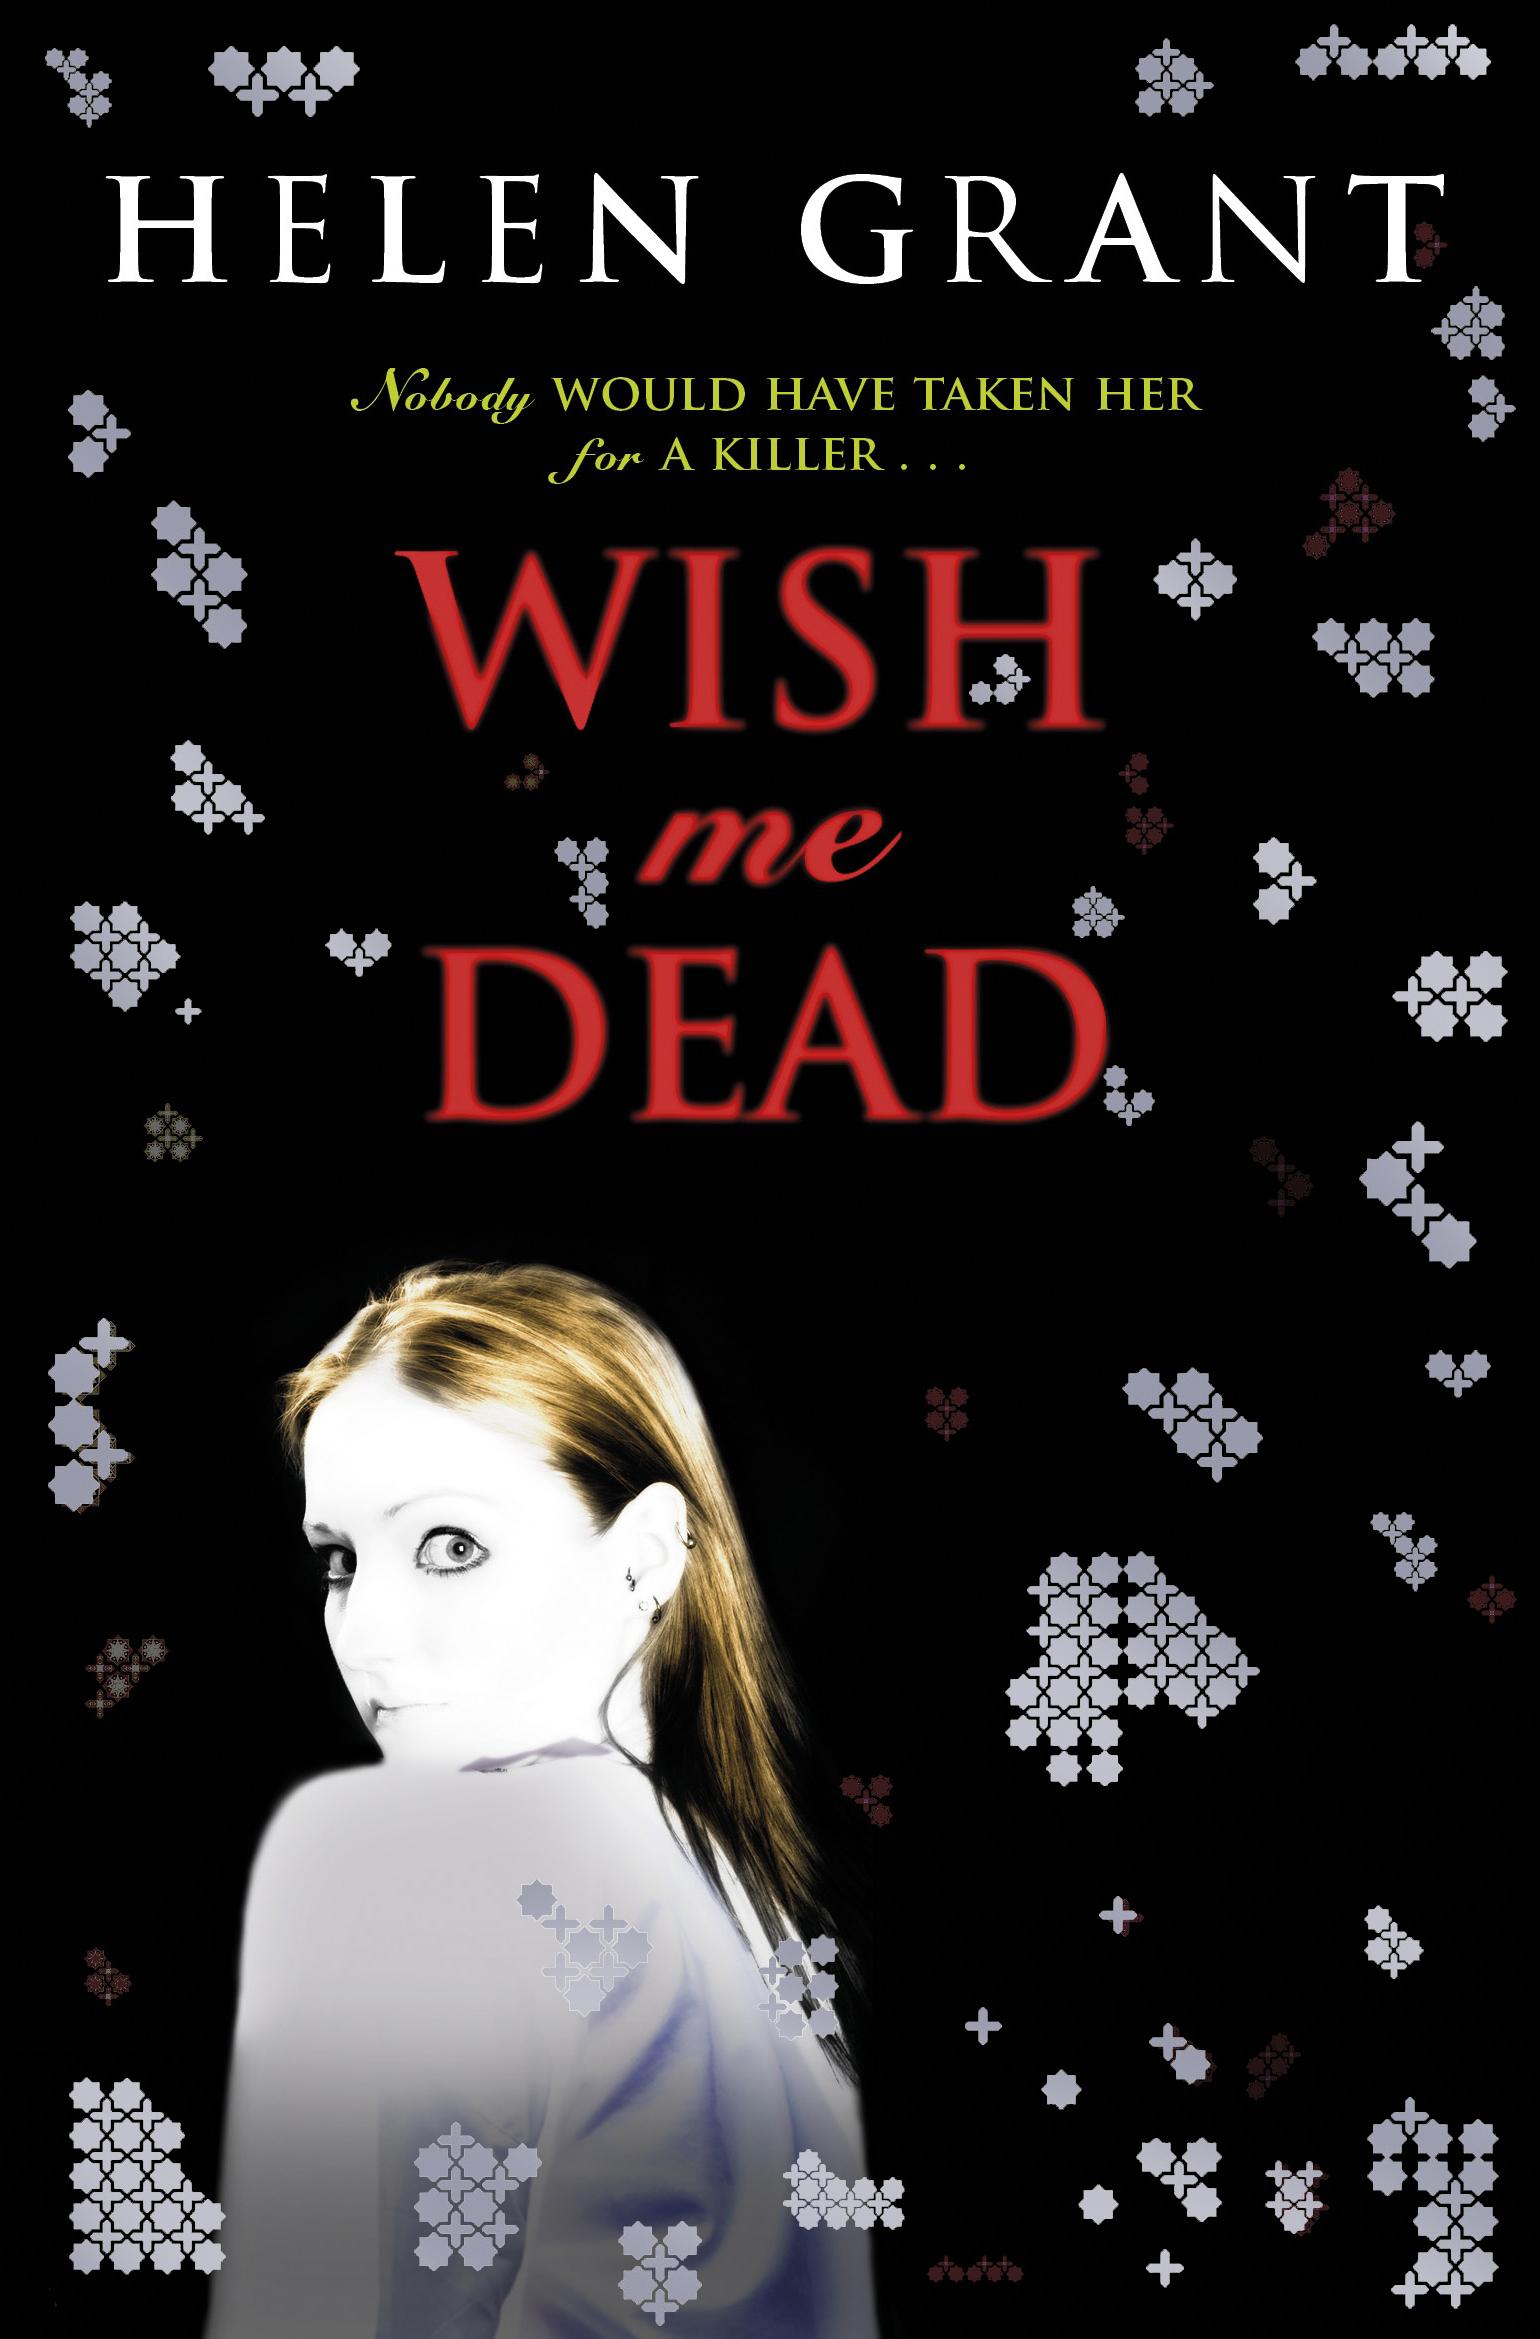 Buchcover; schwarzer Hintergrund, rote Schrift, Mädchen, das sich umdreht und den Leser anaschaut